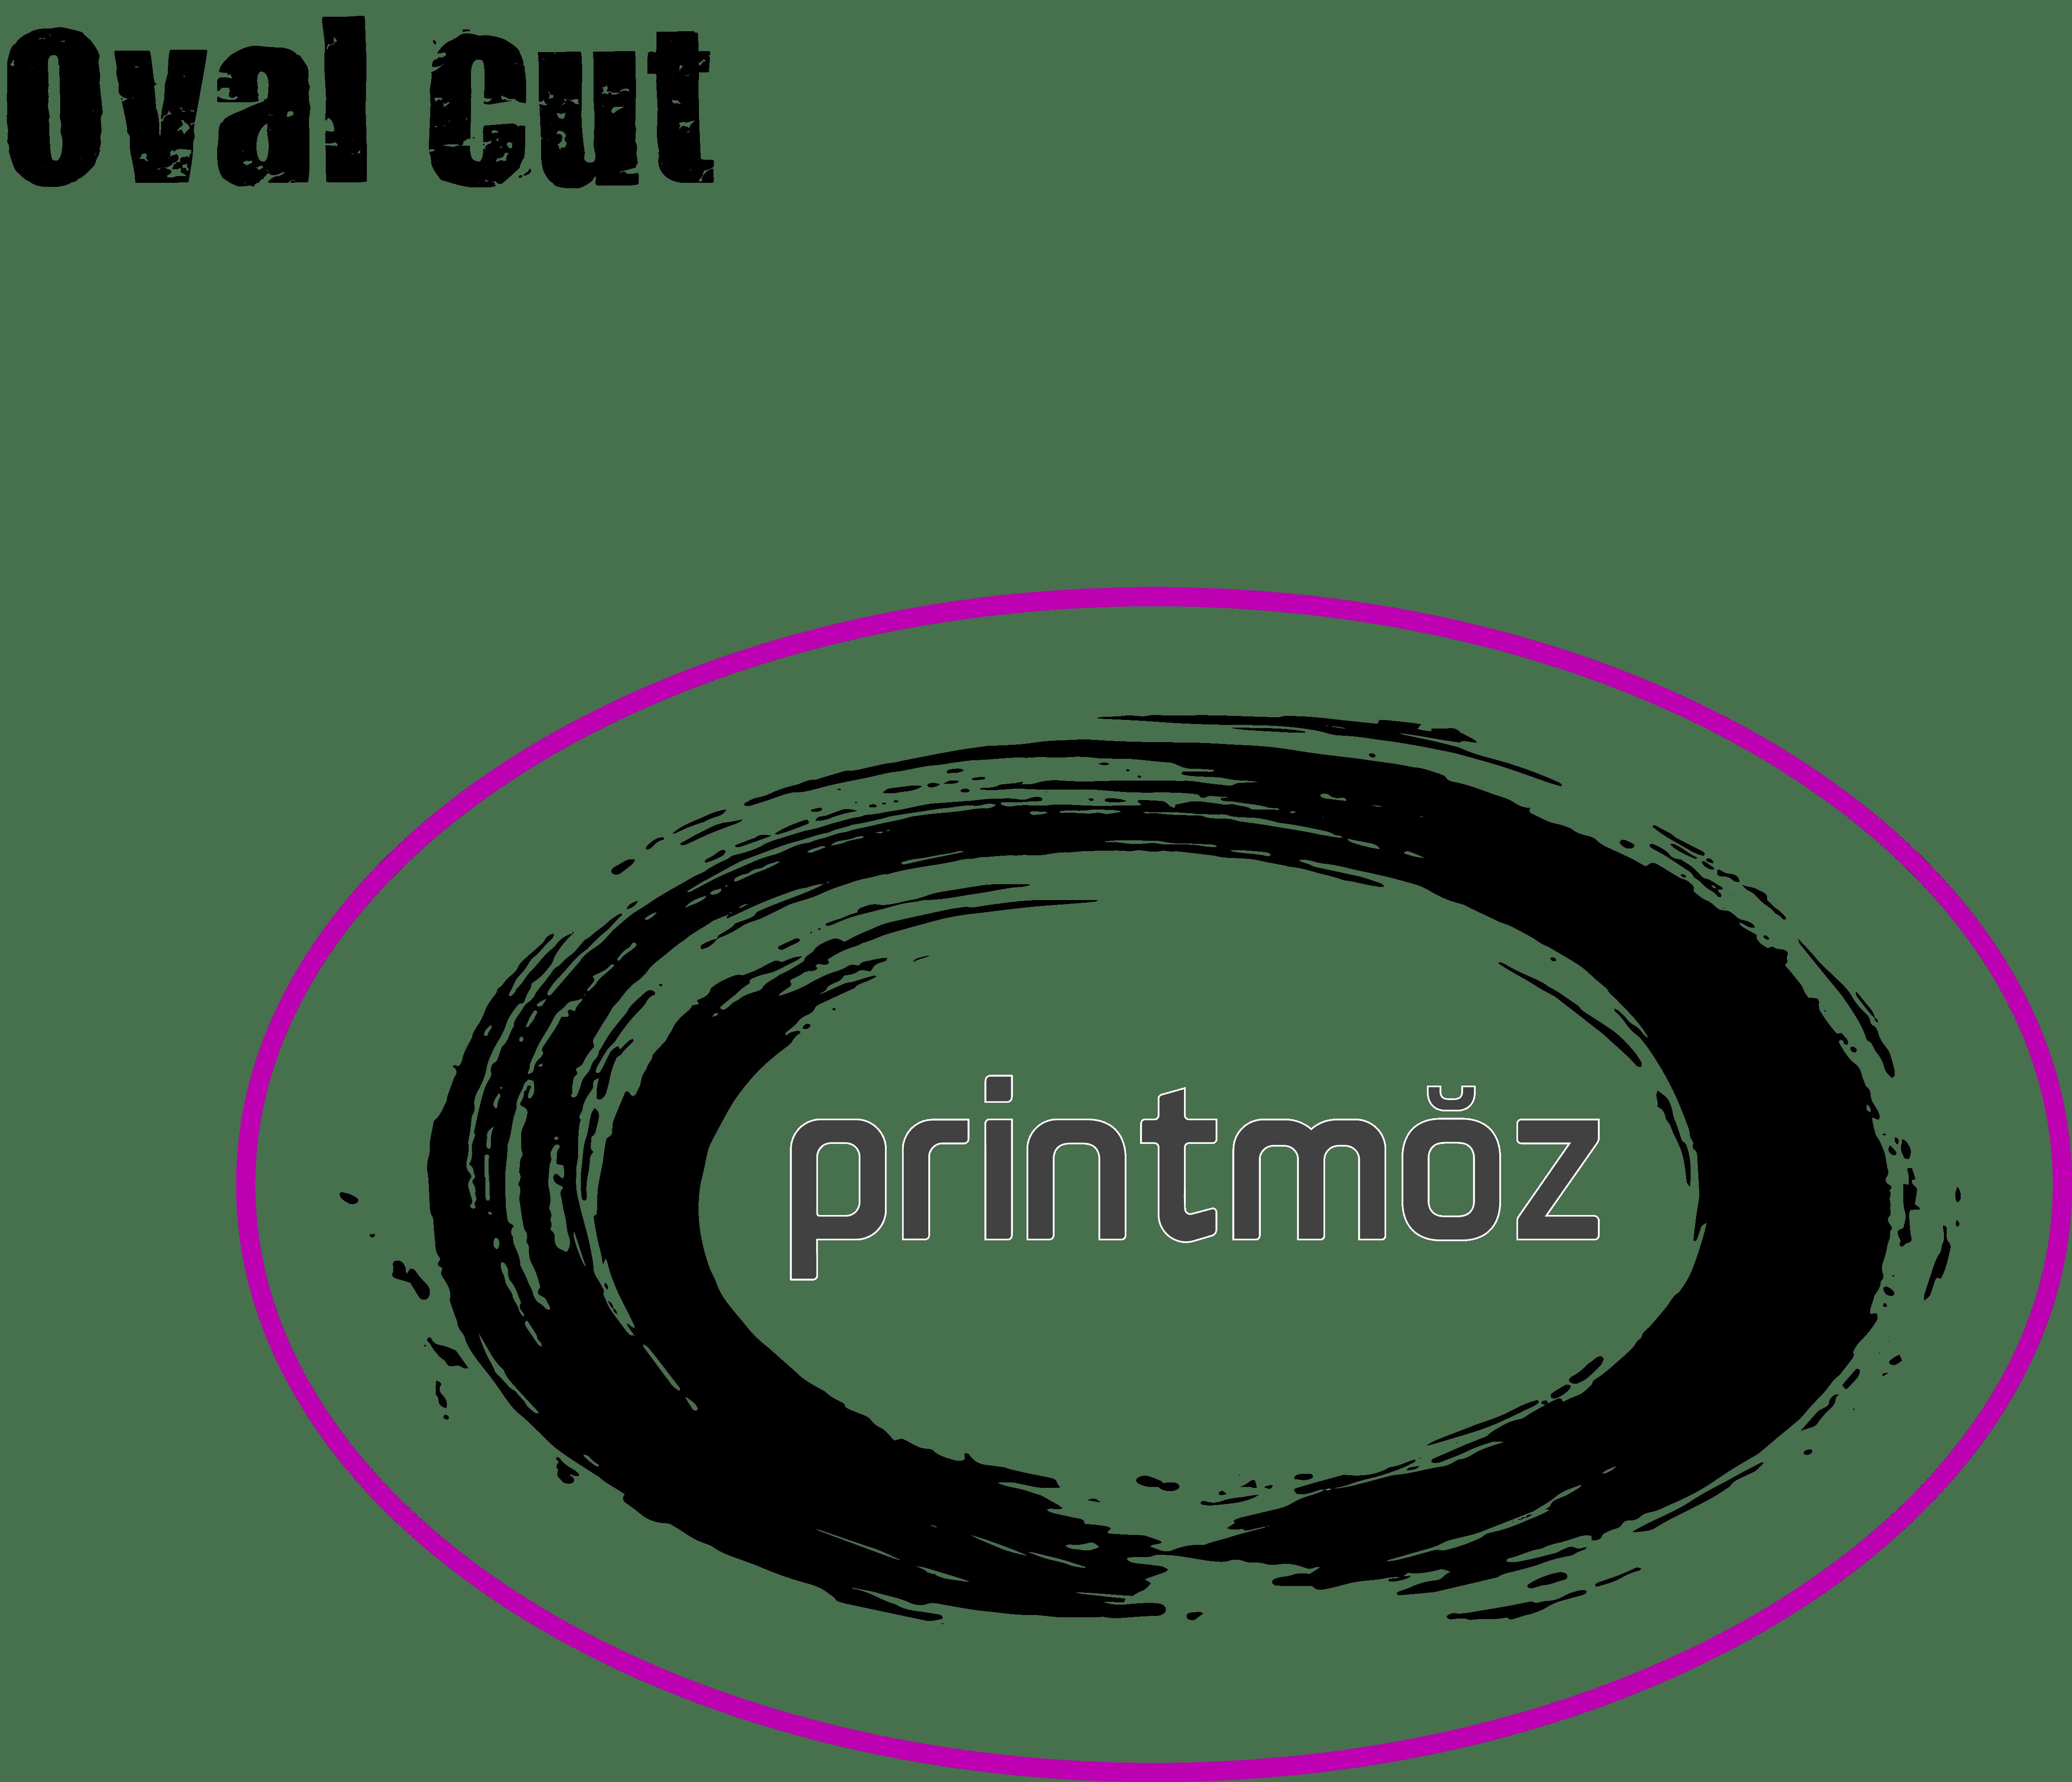 oval cut design